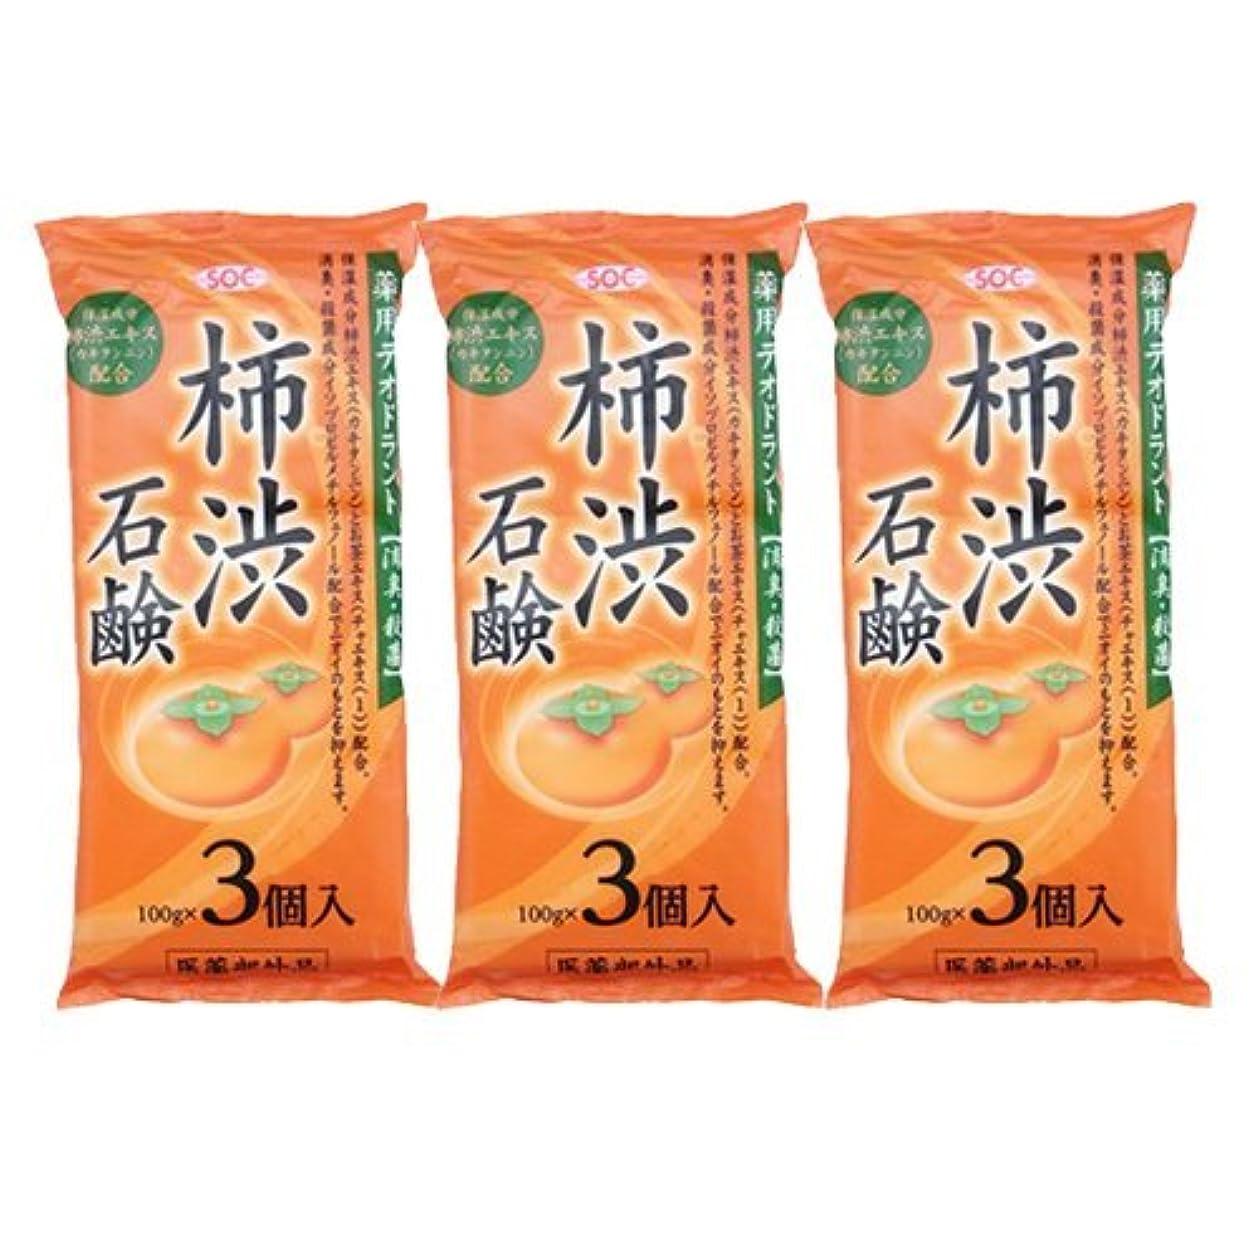 未来スモッグシャベル渋谷油脂 SOC 薬用柿渋石鹸 3P ×3袋セット (100g×9個)